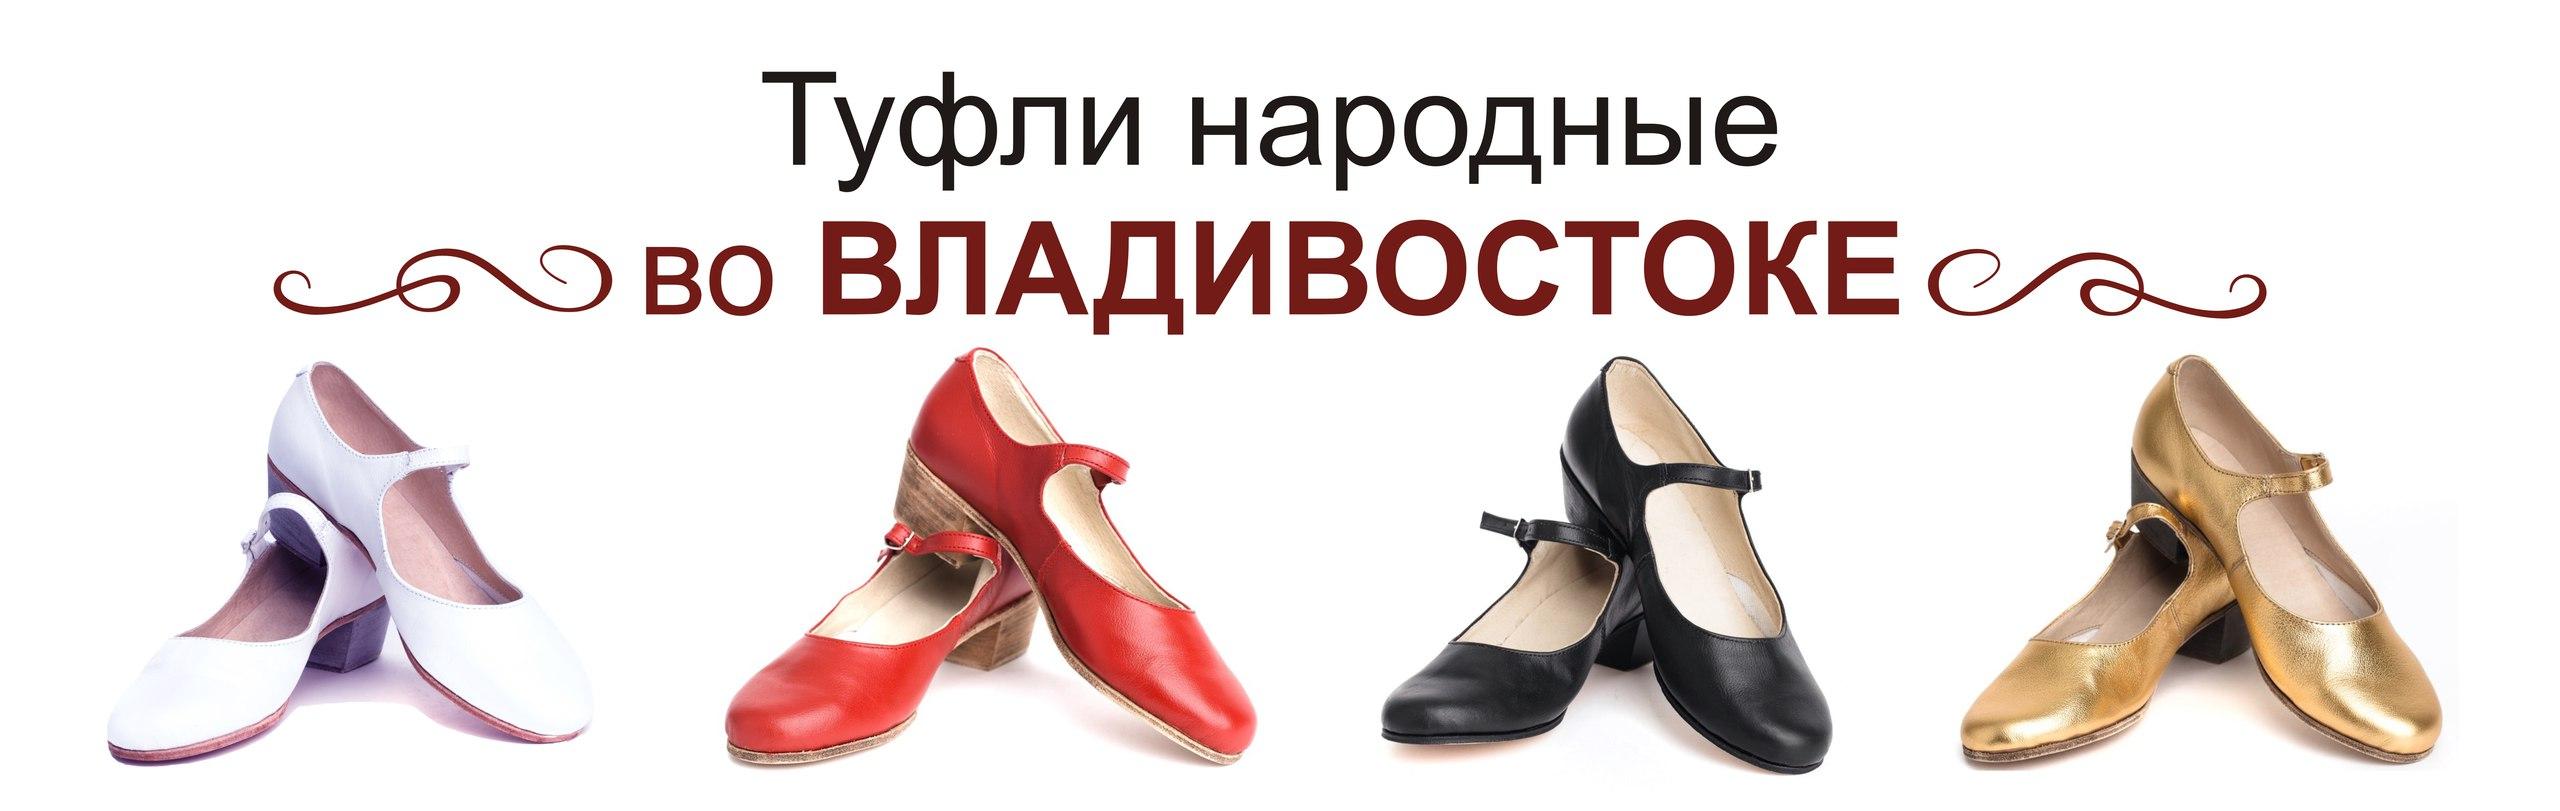 Туфли народные Владивосток